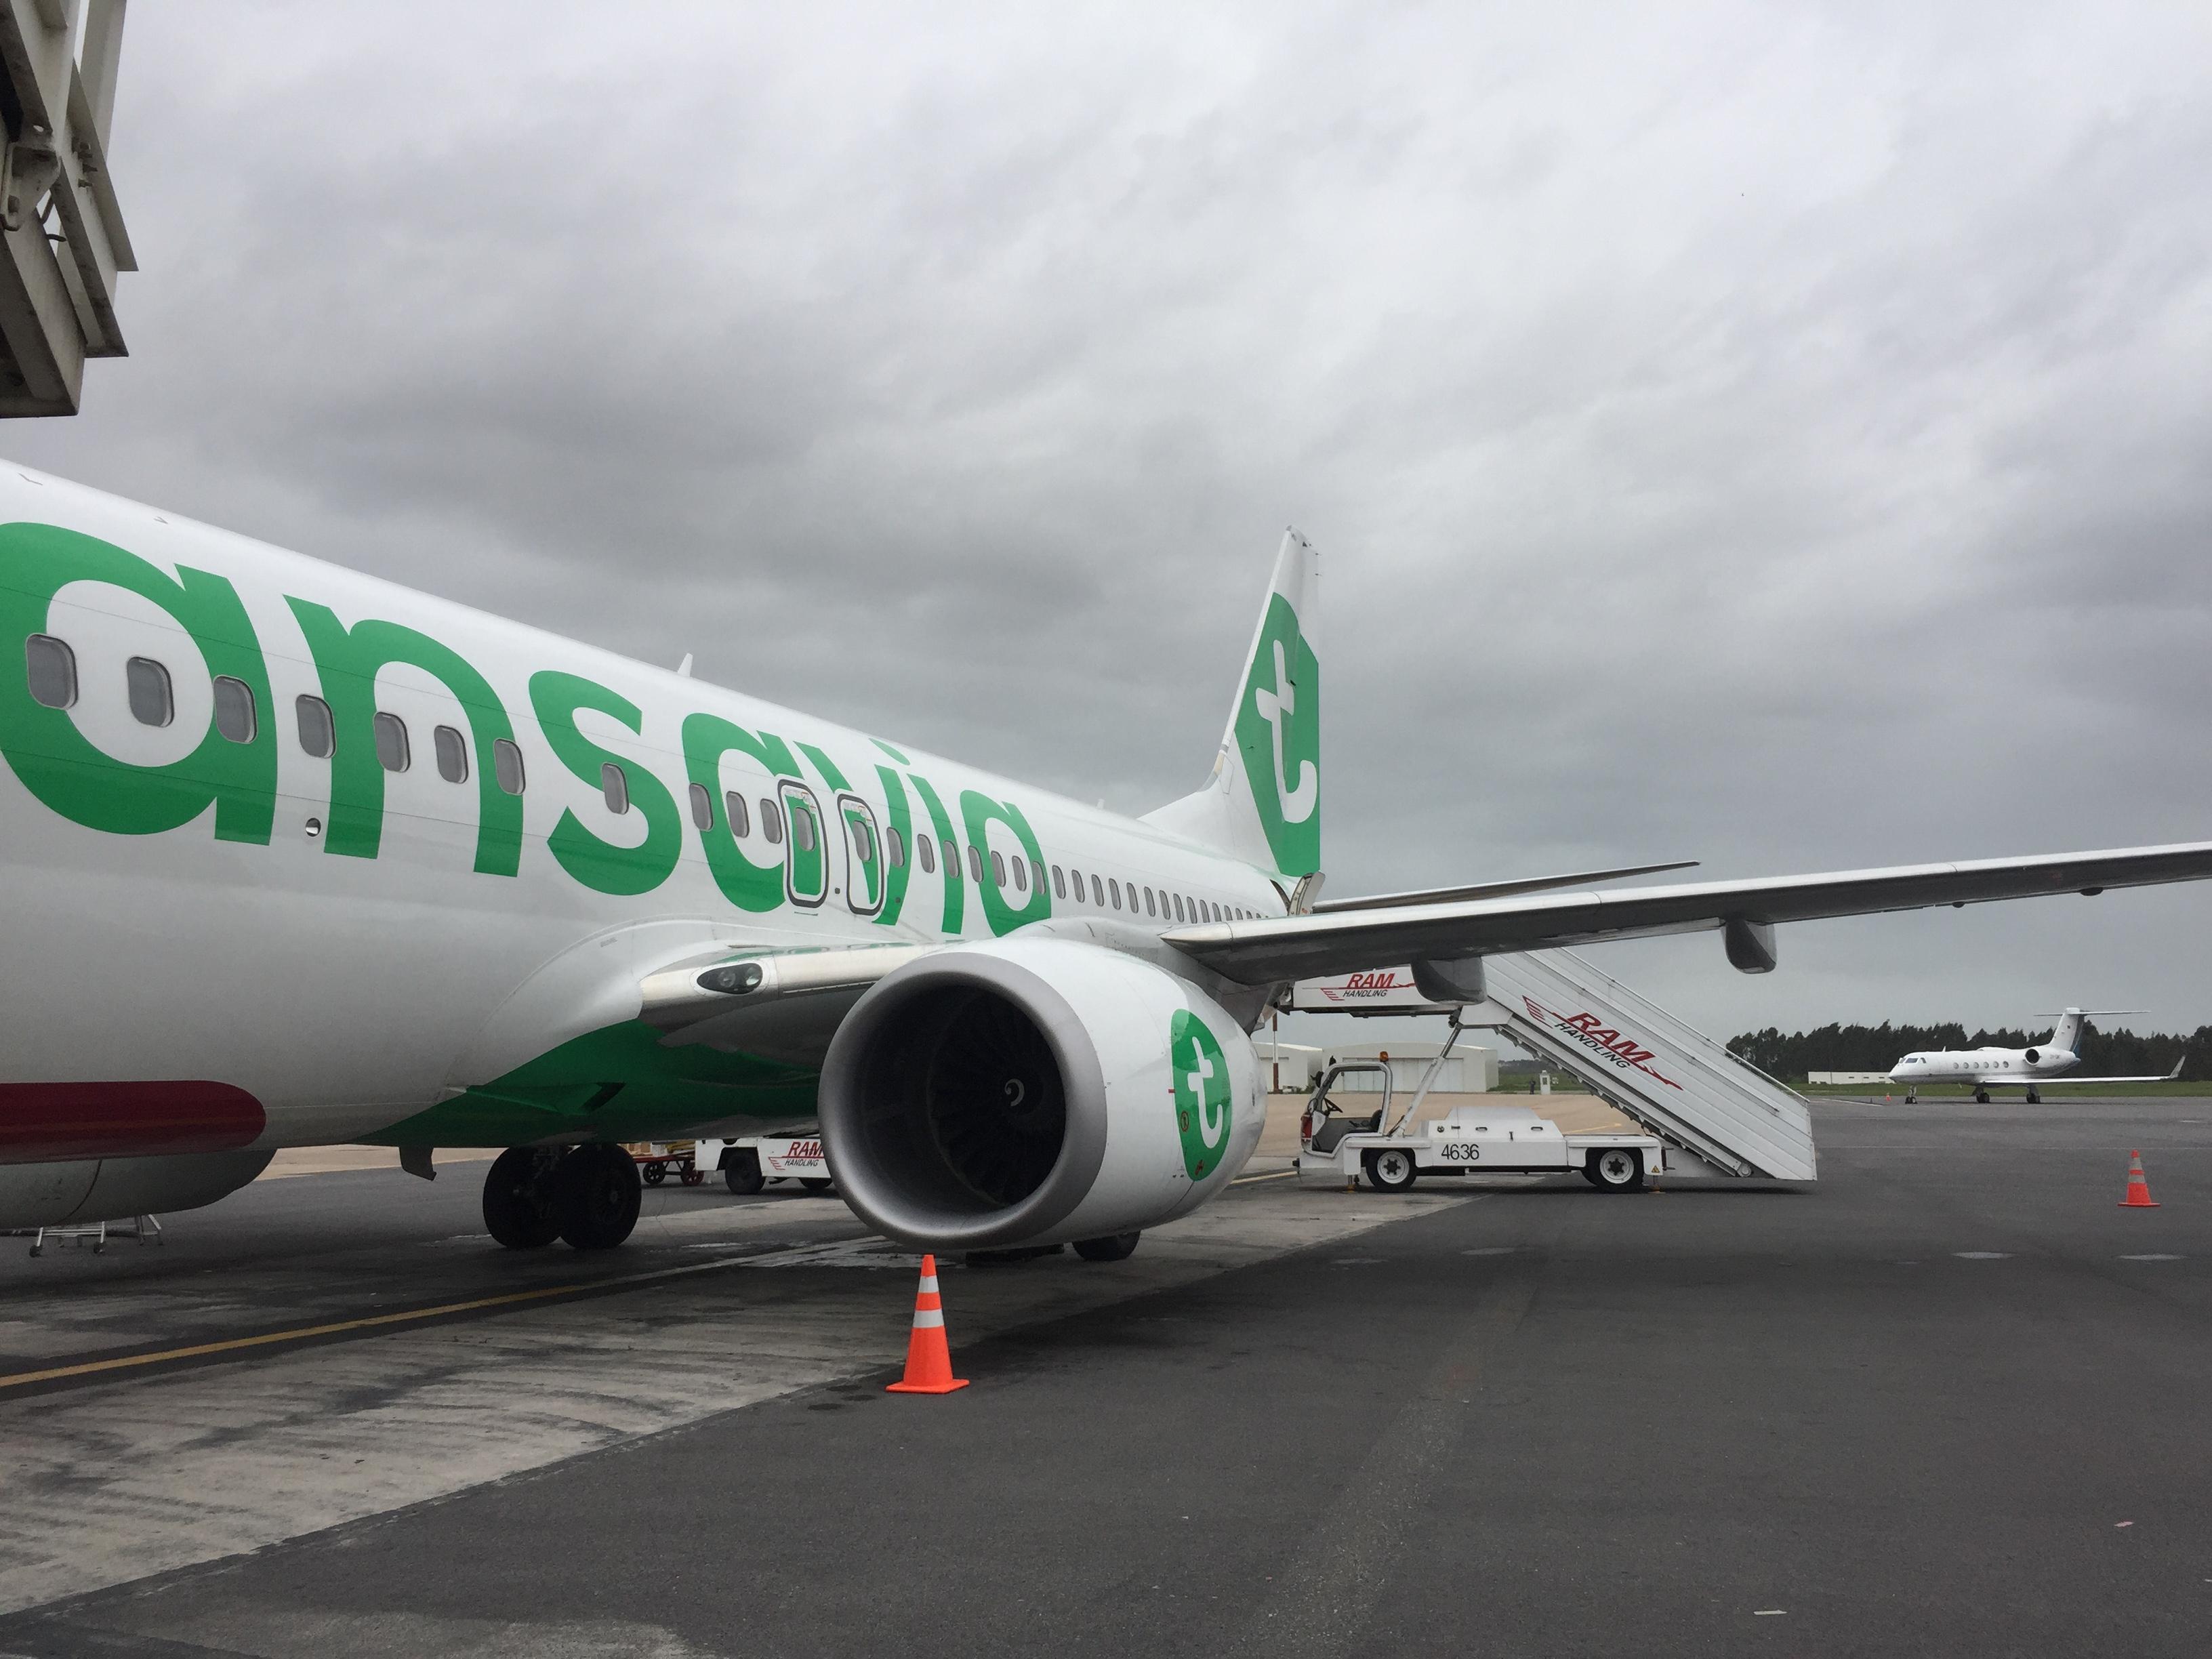 Le Boeing 737 de Transavia, quelque minutes après son atterrissage à Rabat-Salé, jeudi 12 mars © PG TM